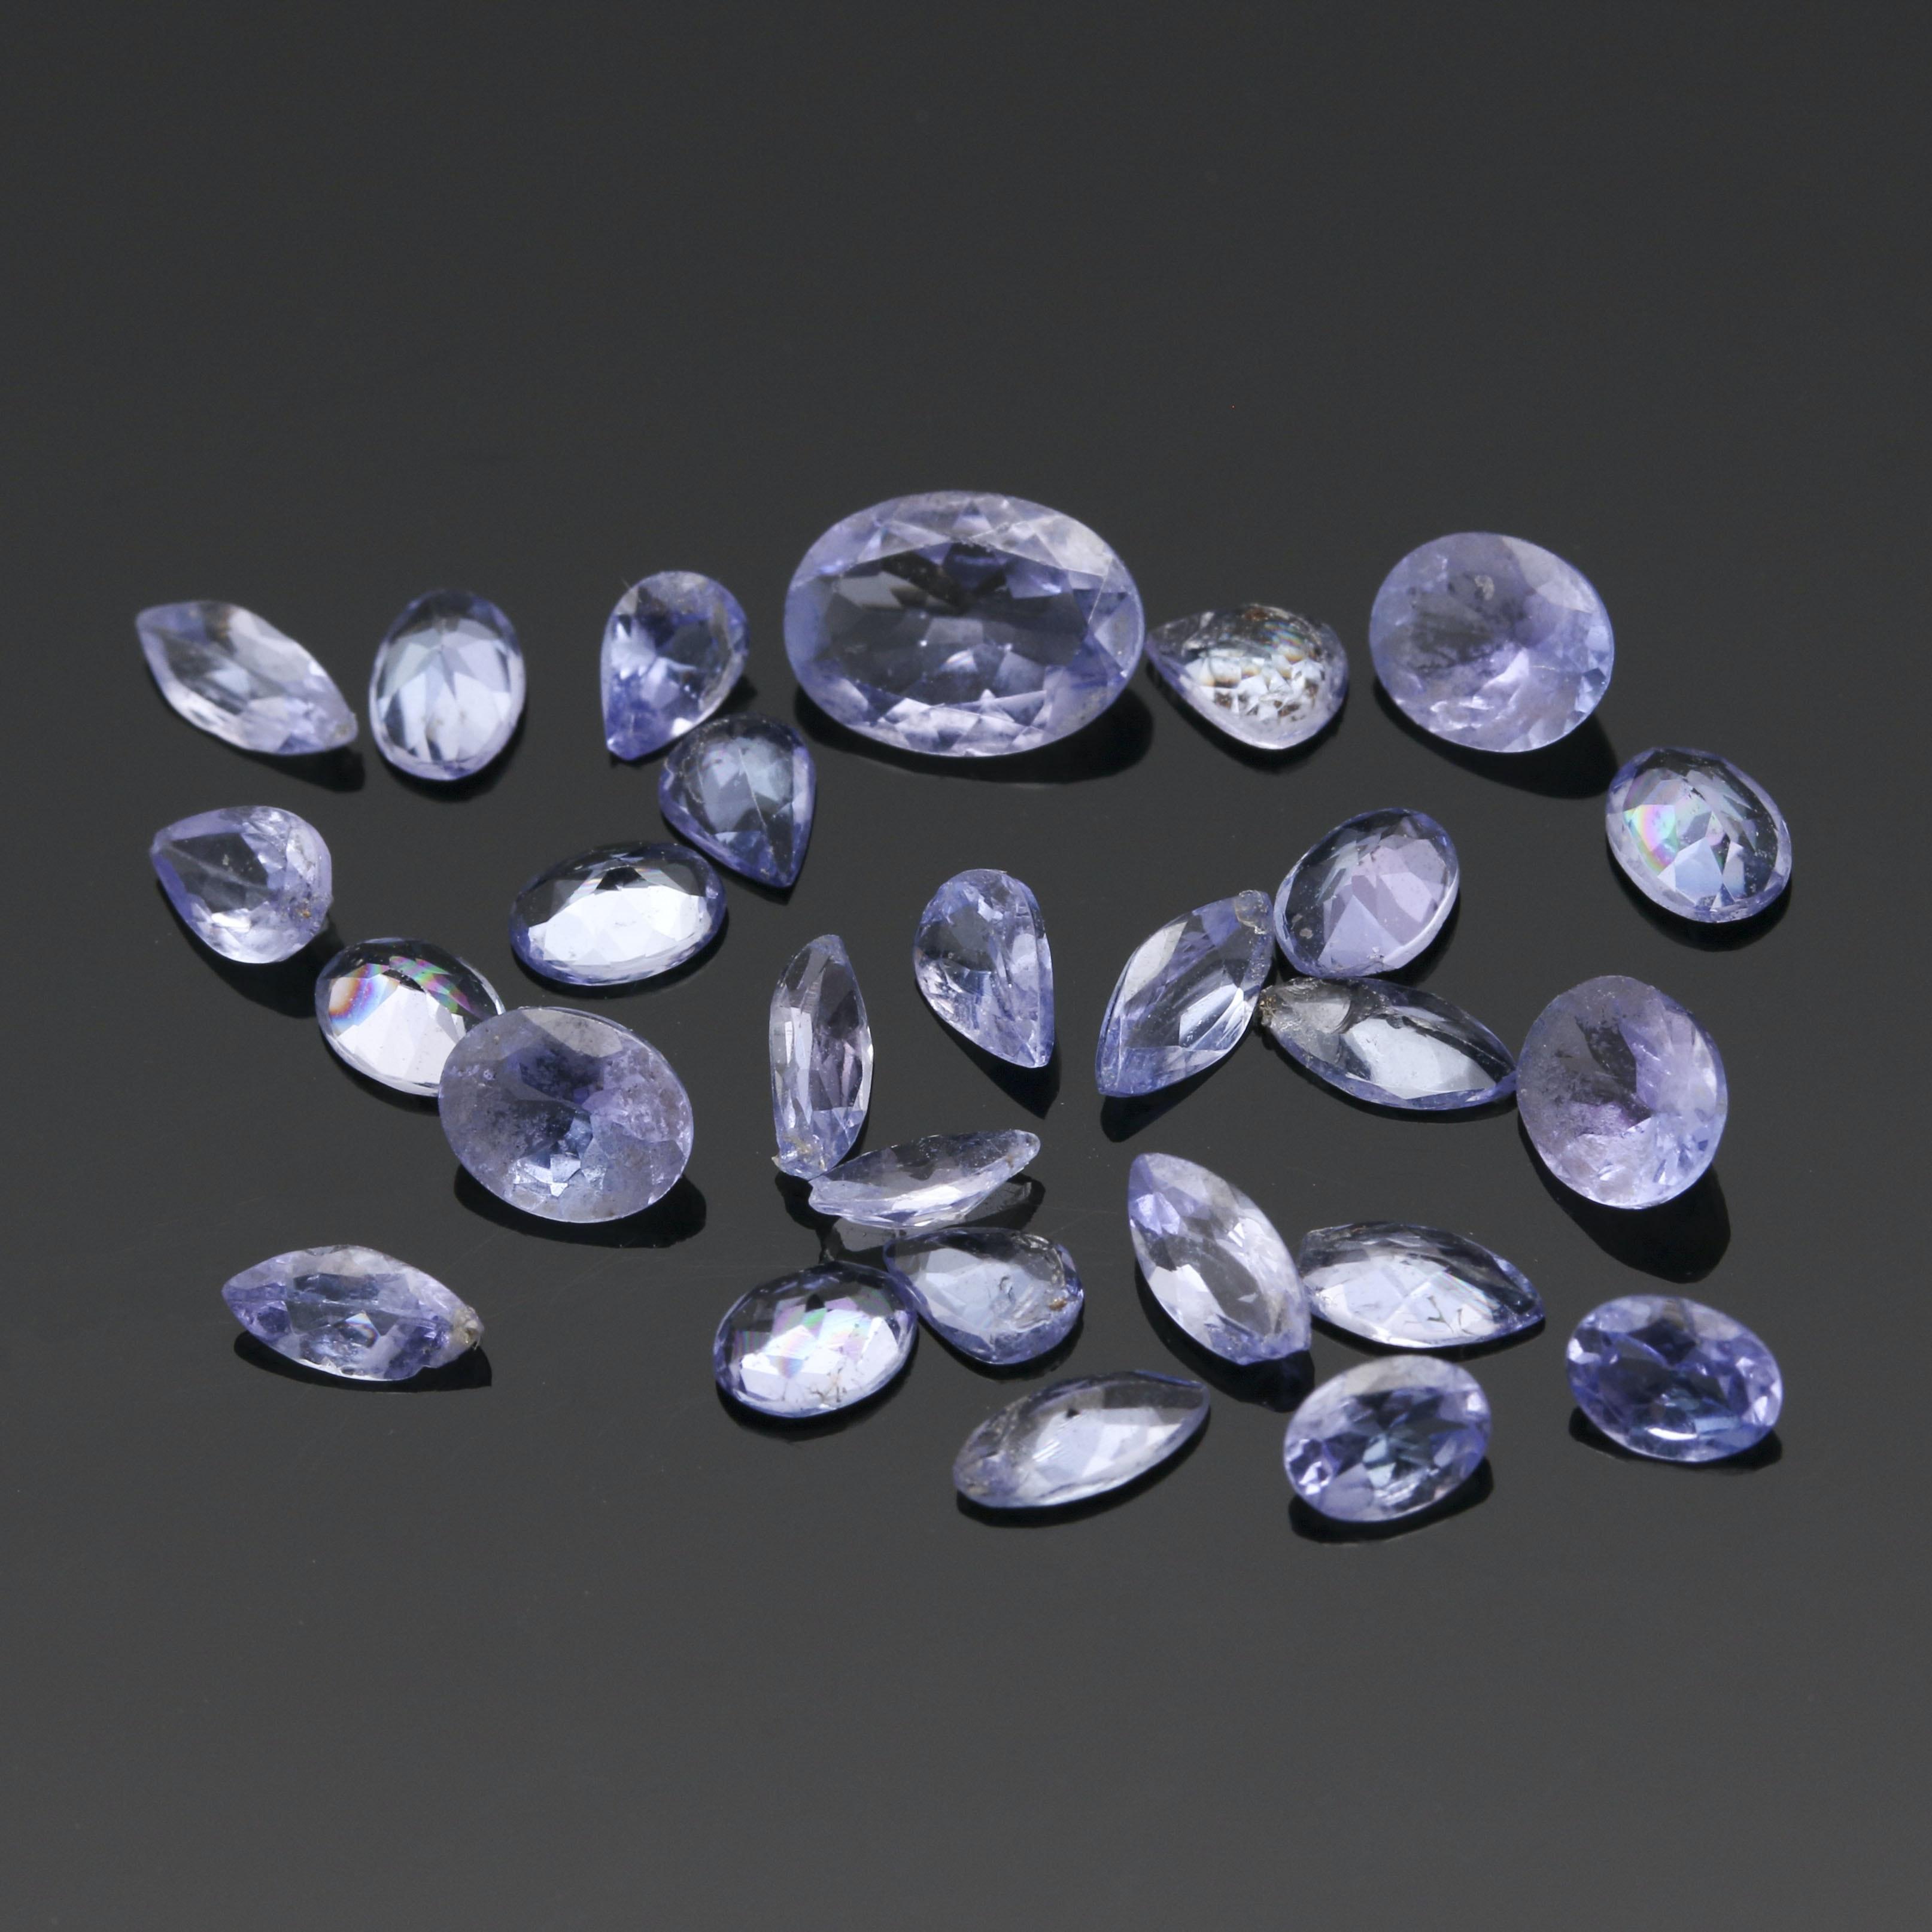 Loose 5.04 CTW Tanzanite Stones